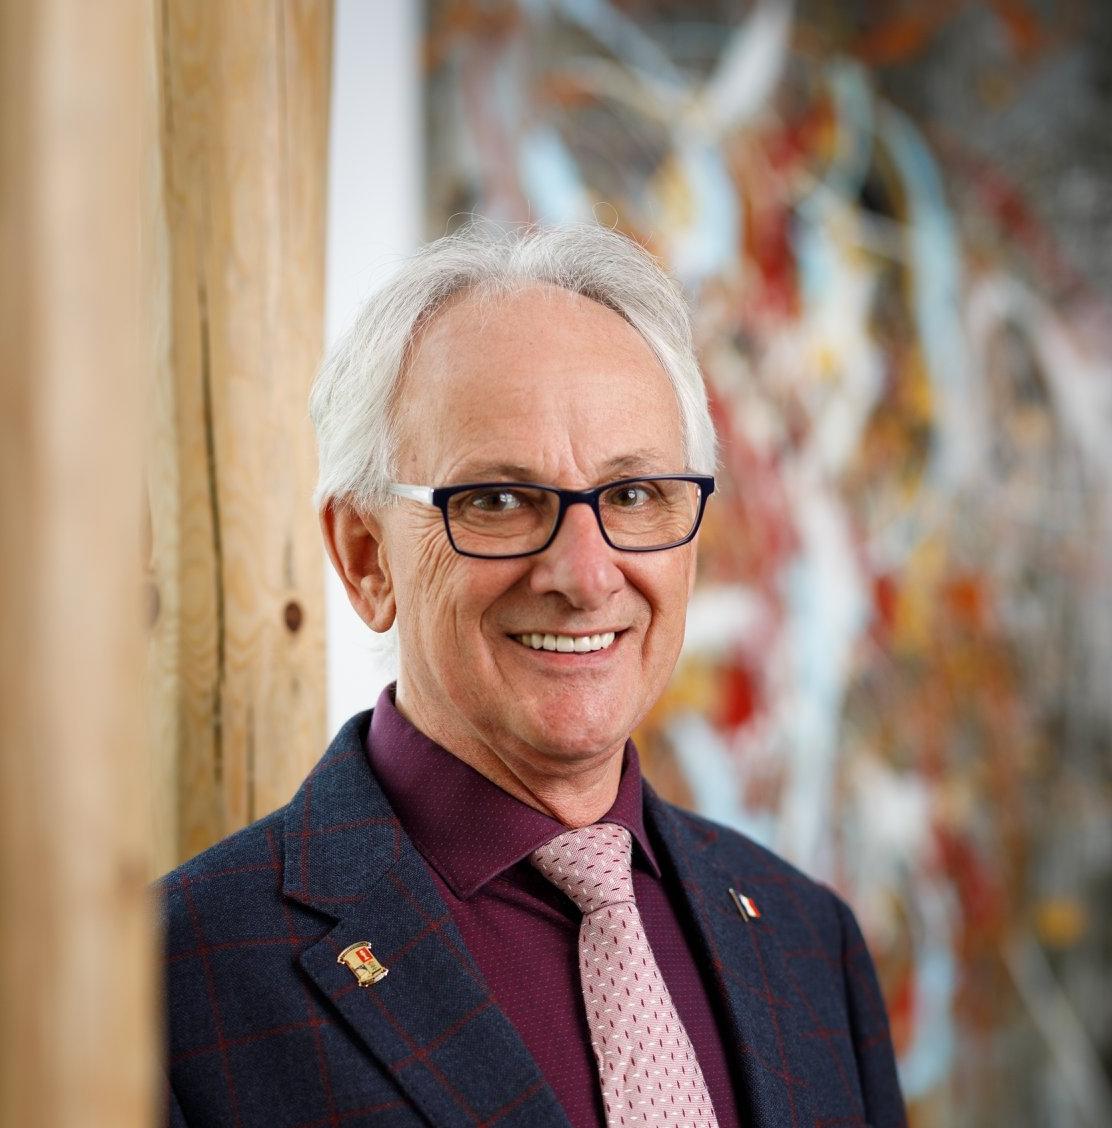 Pierre La Salle